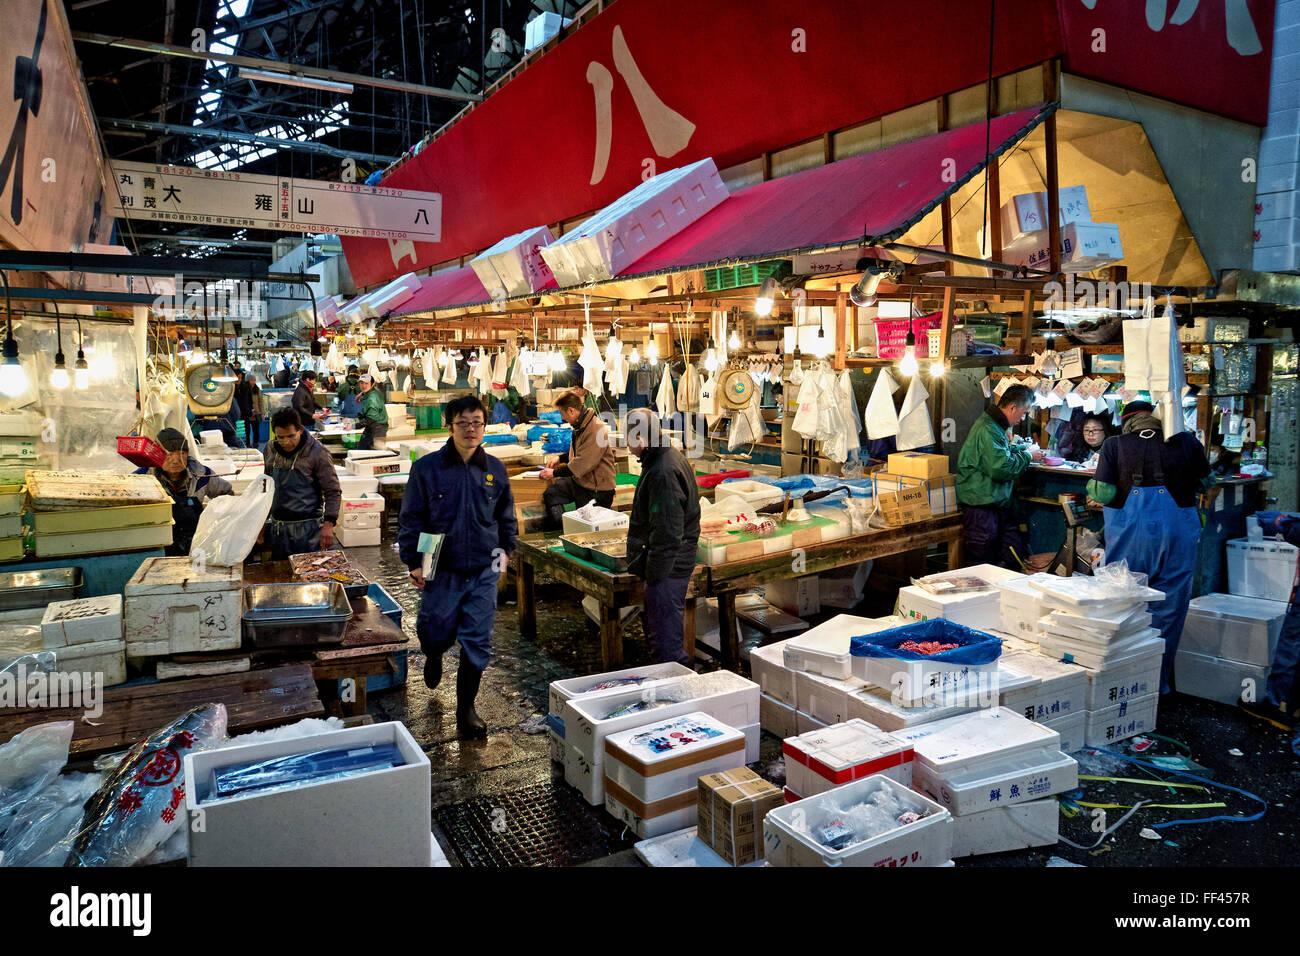 La isla de Japón, Honshu, Kanto, Tokio, Mercado Tsukiji Imagen De Stock